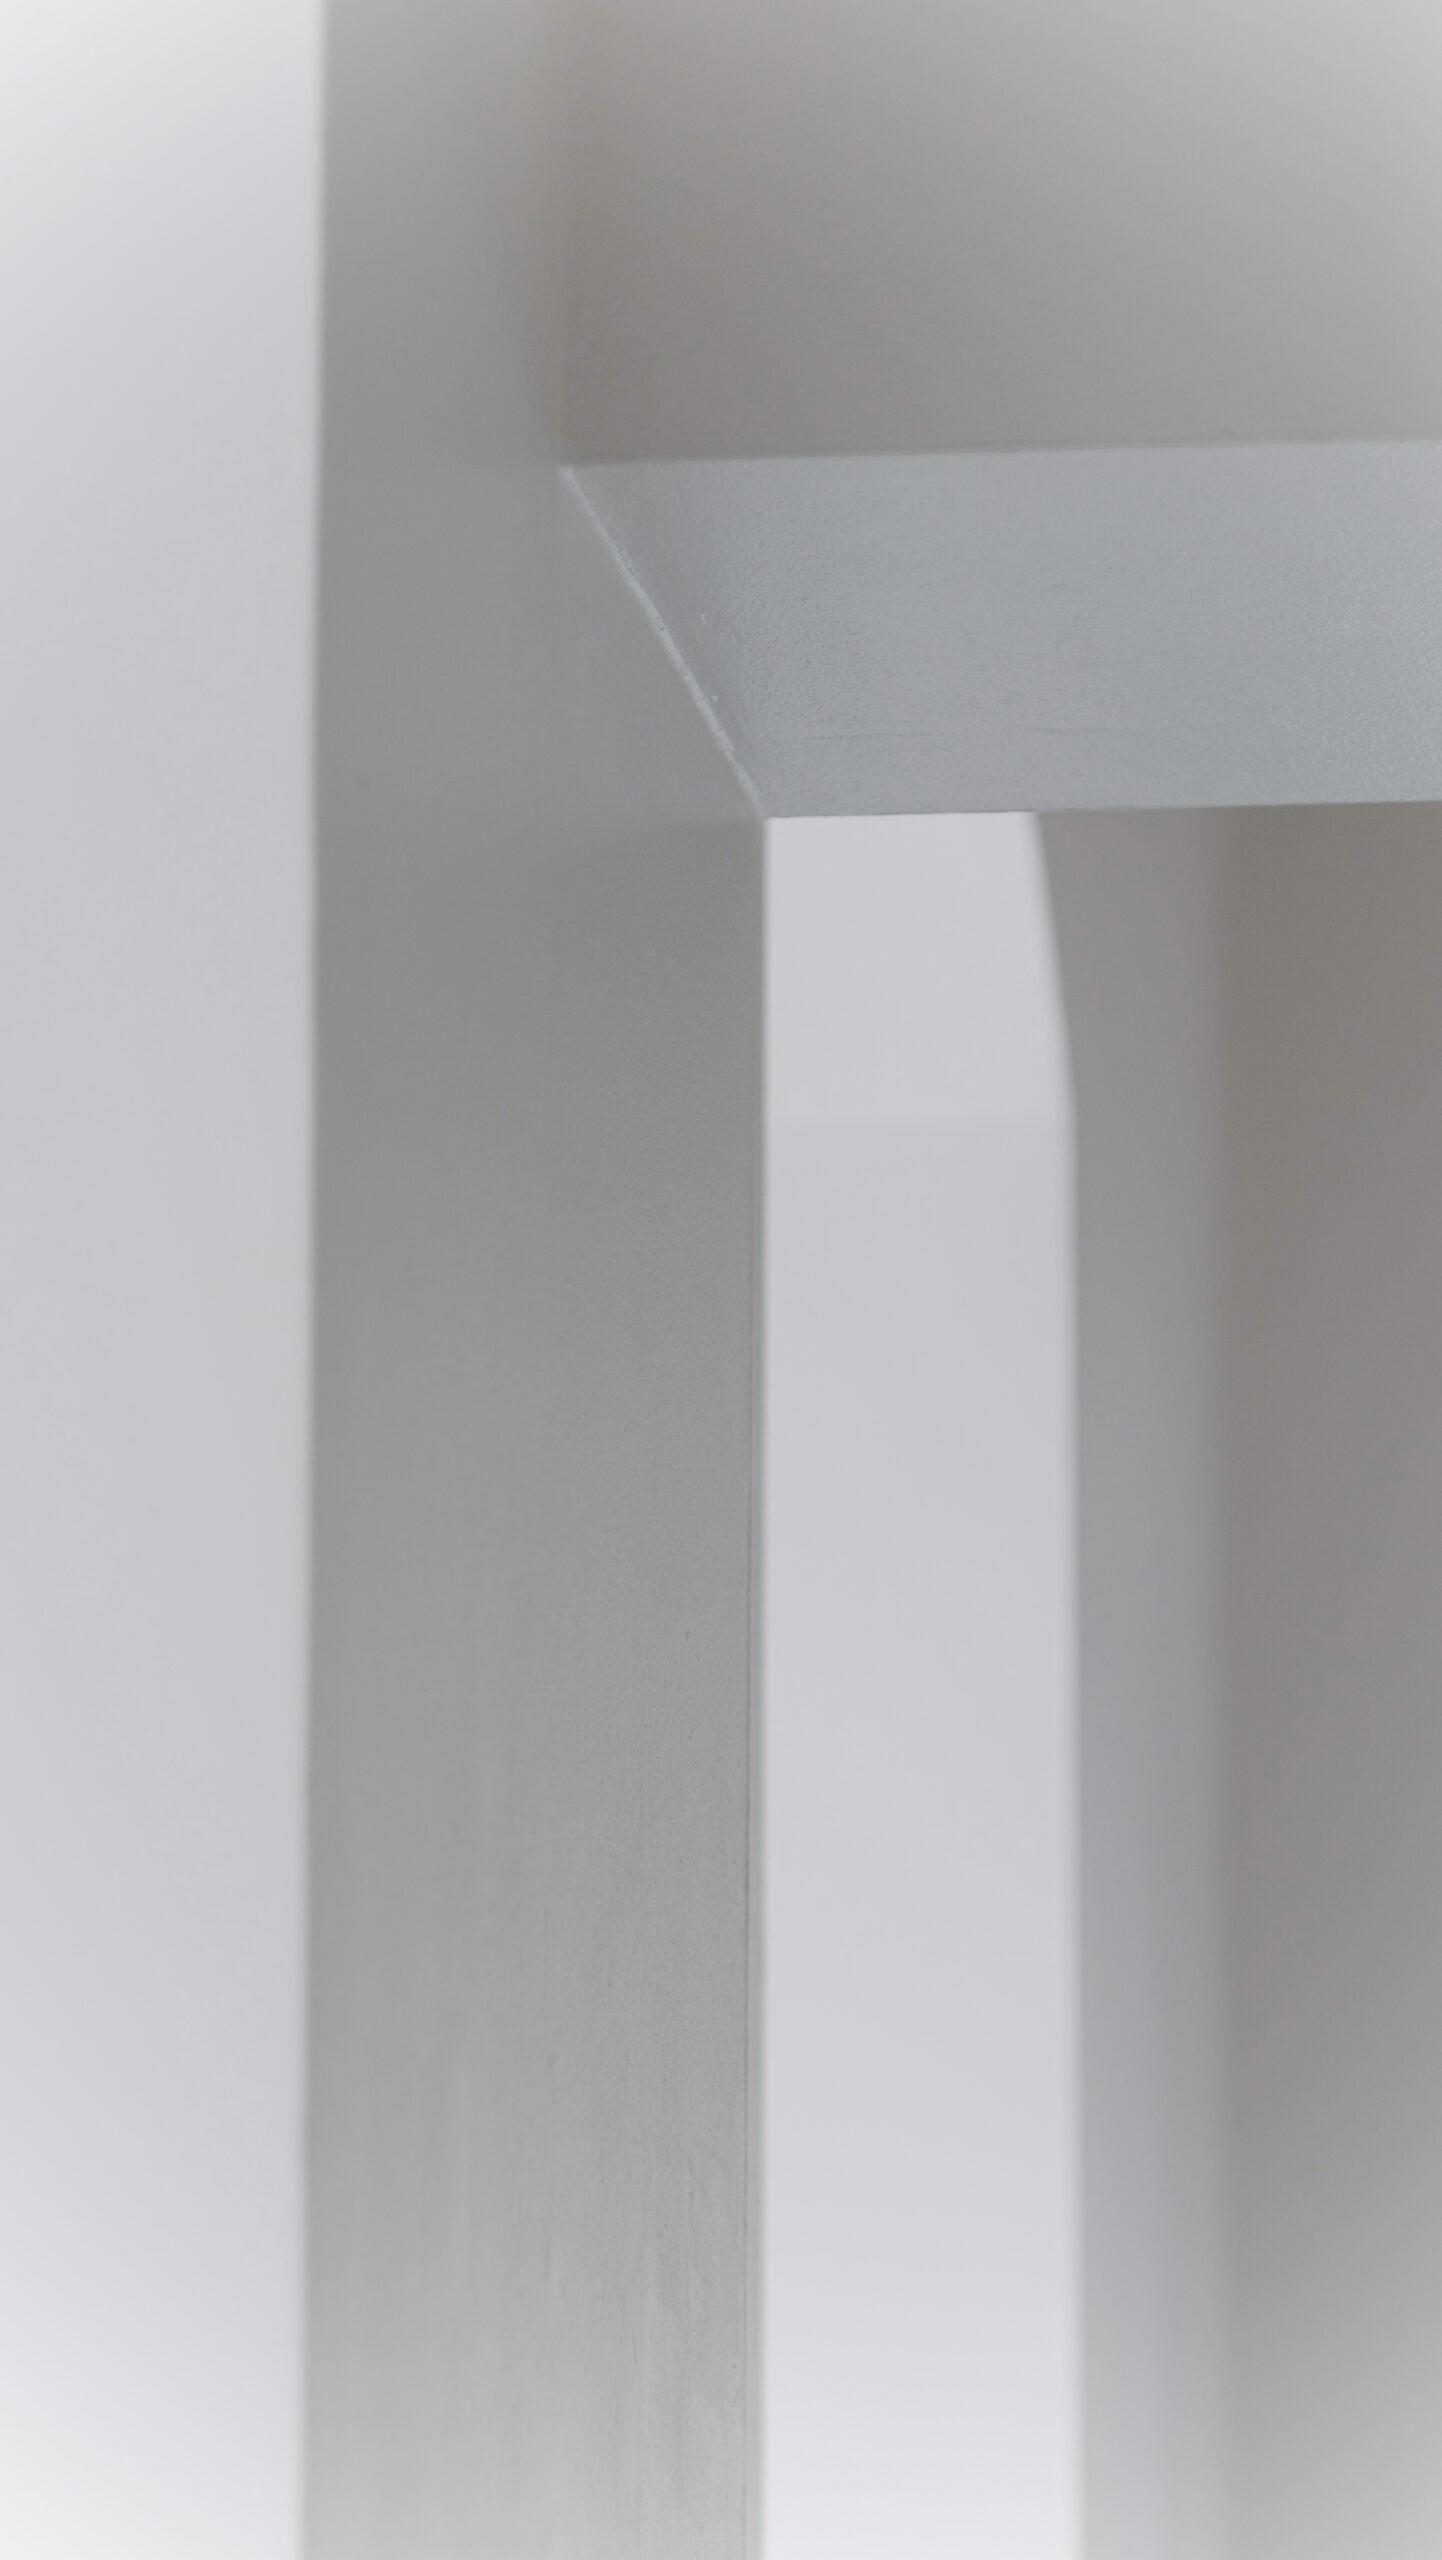 Rekonstrukce komerčního objektu - Květinářství COOLFLOWERS - RekoLux STAV s.r.o.